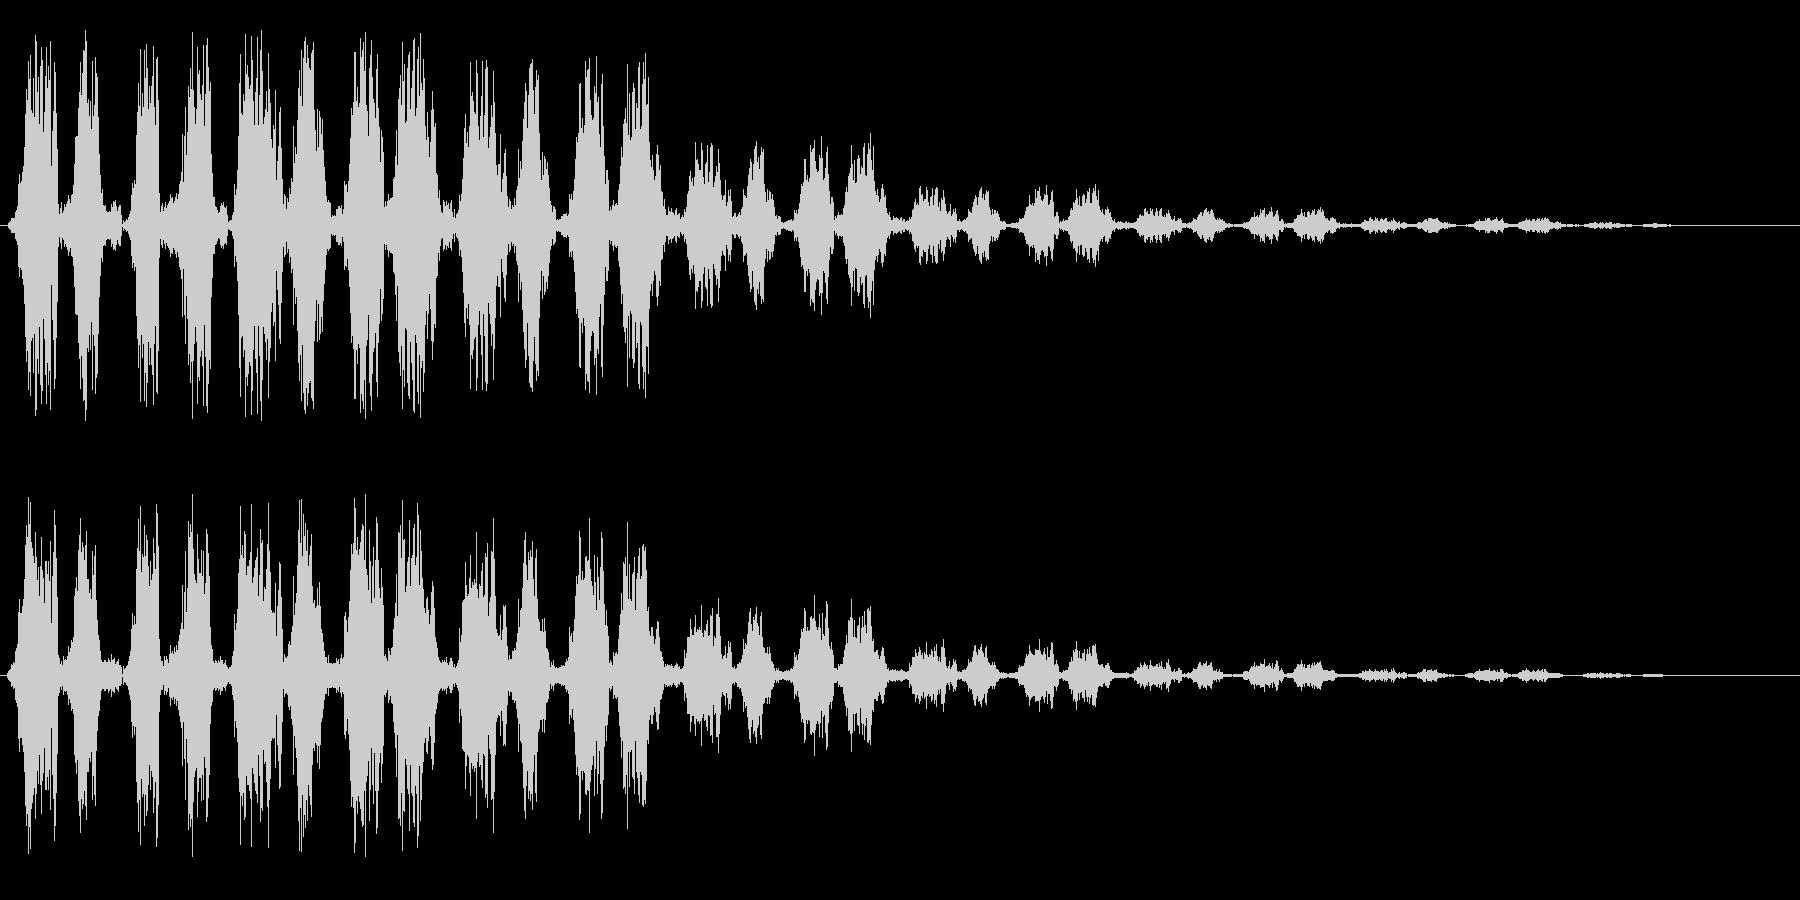 ピョコピョコピョコ(ユニークな効果音)の未再生の波形